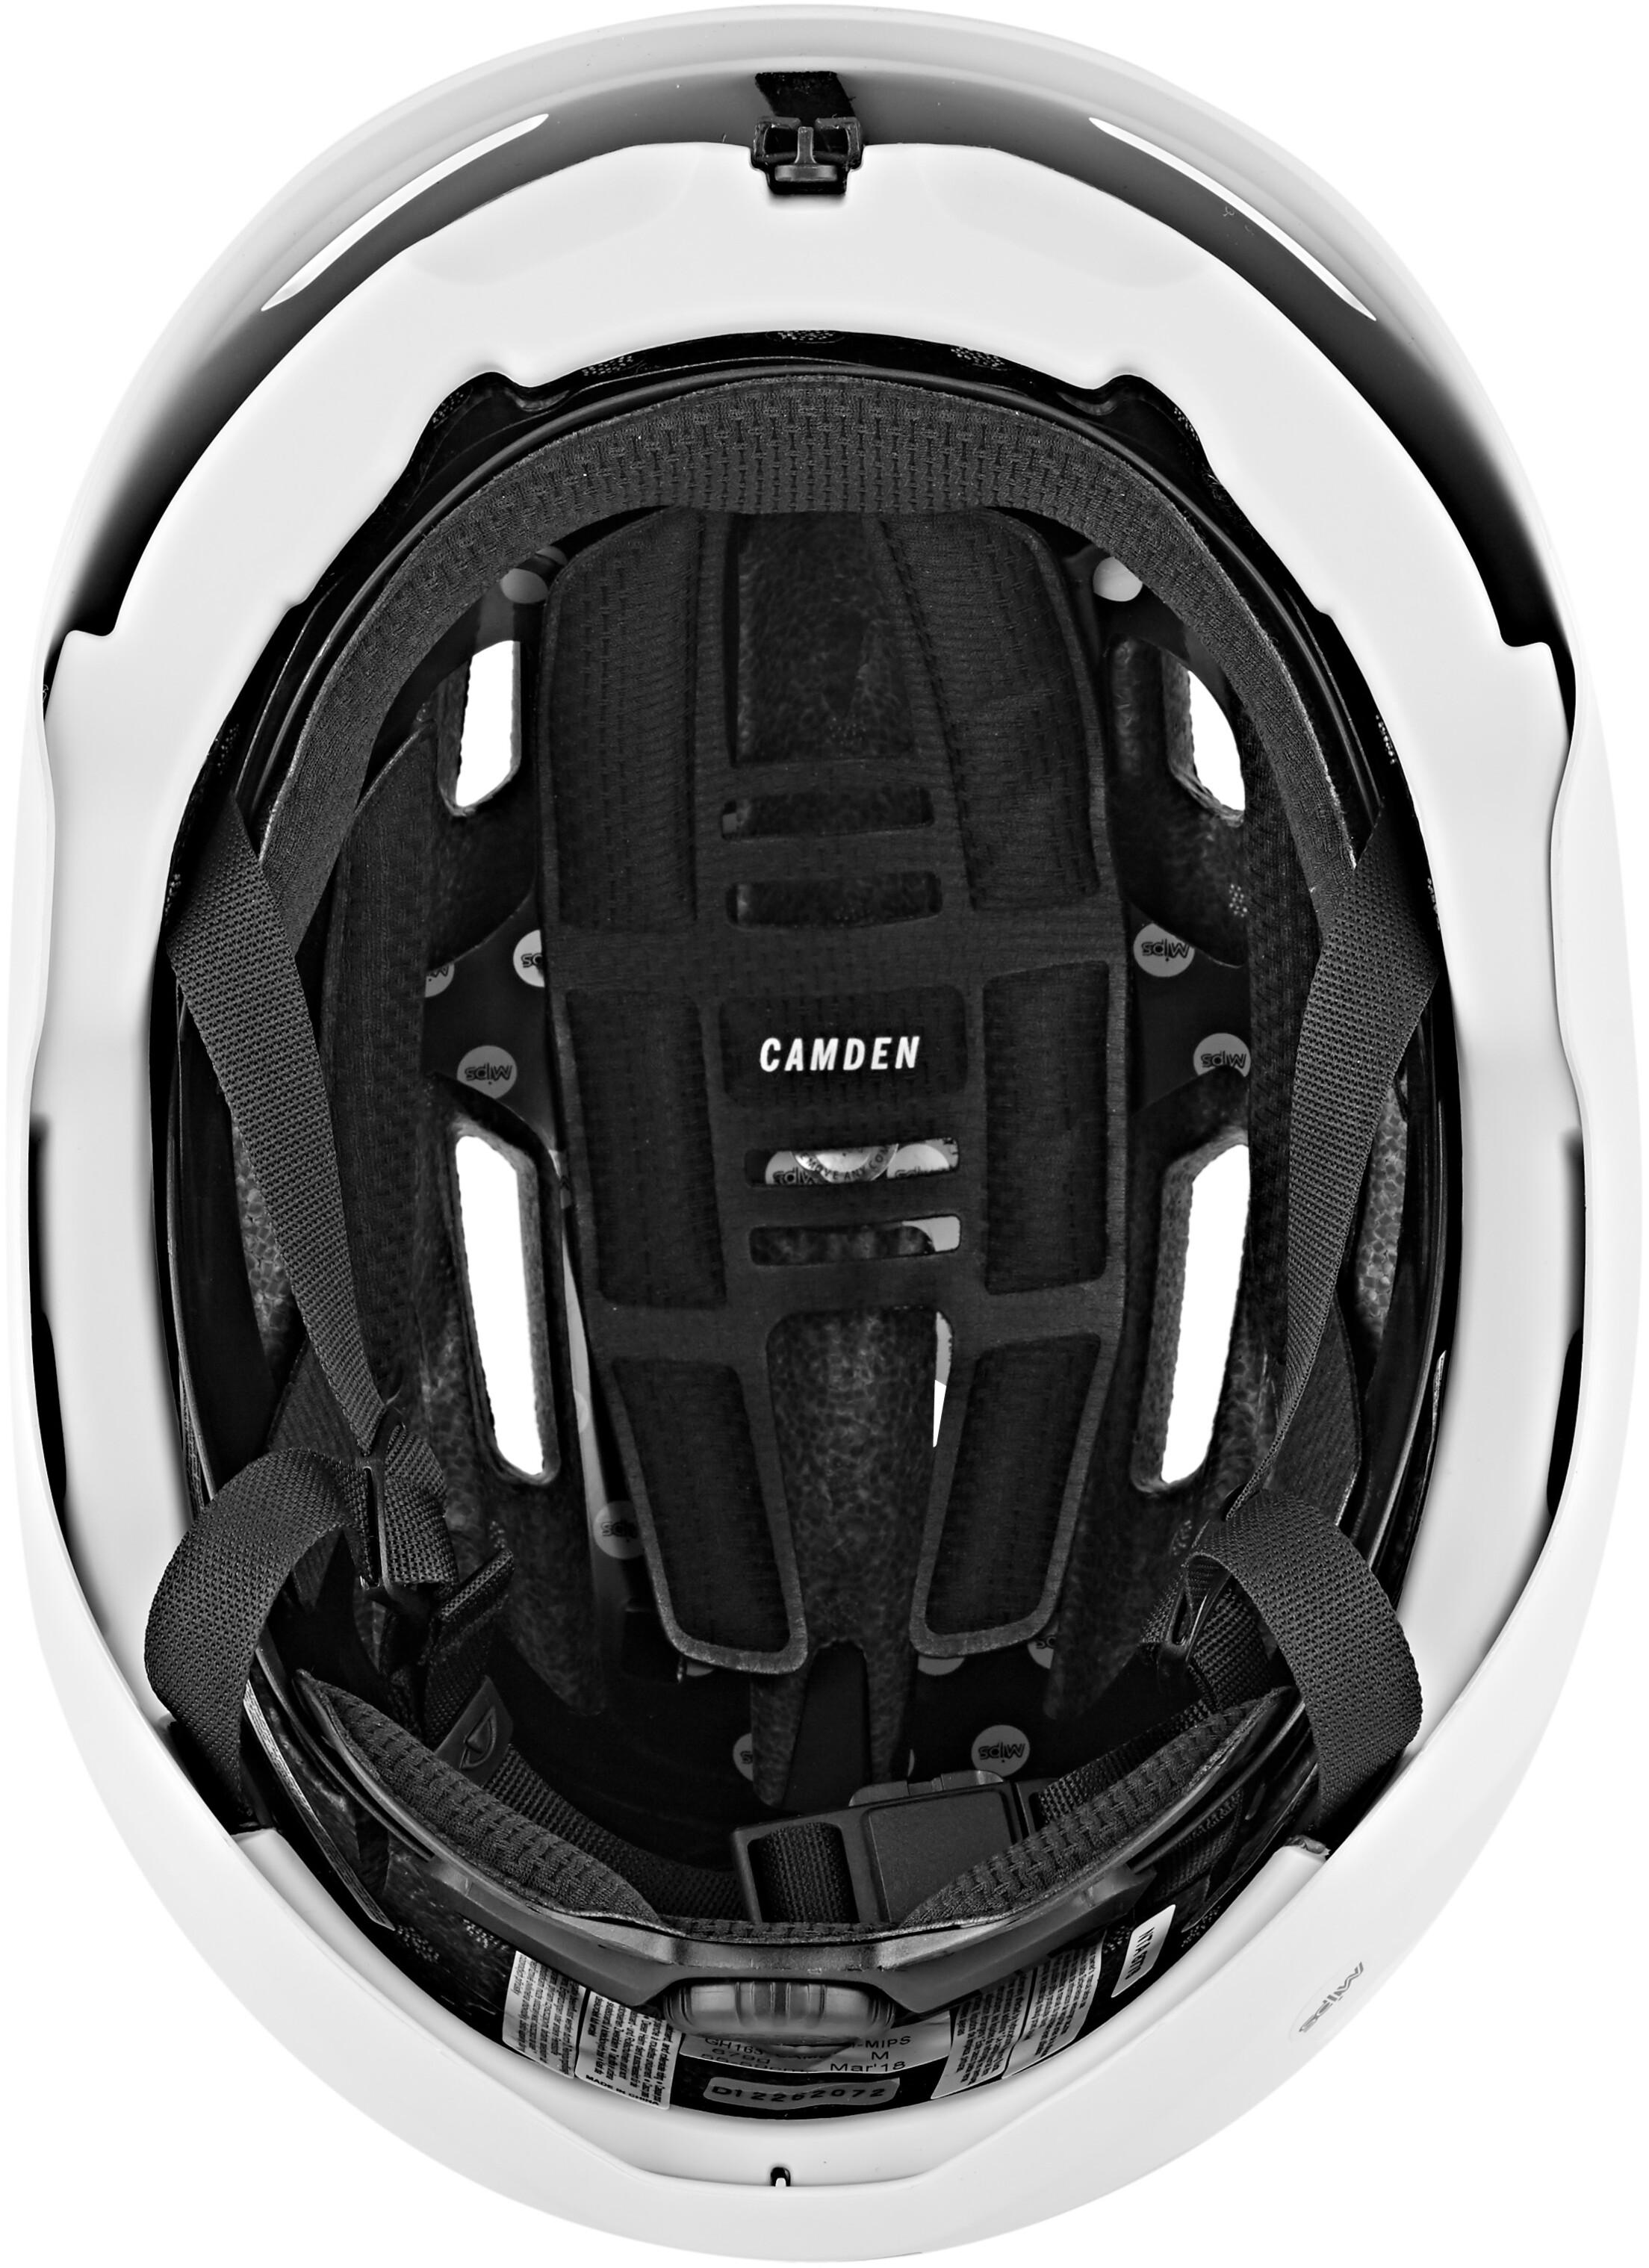 61e34b84d45 Giro Camden MIPS Helmet matte white at Bikester.co.uk